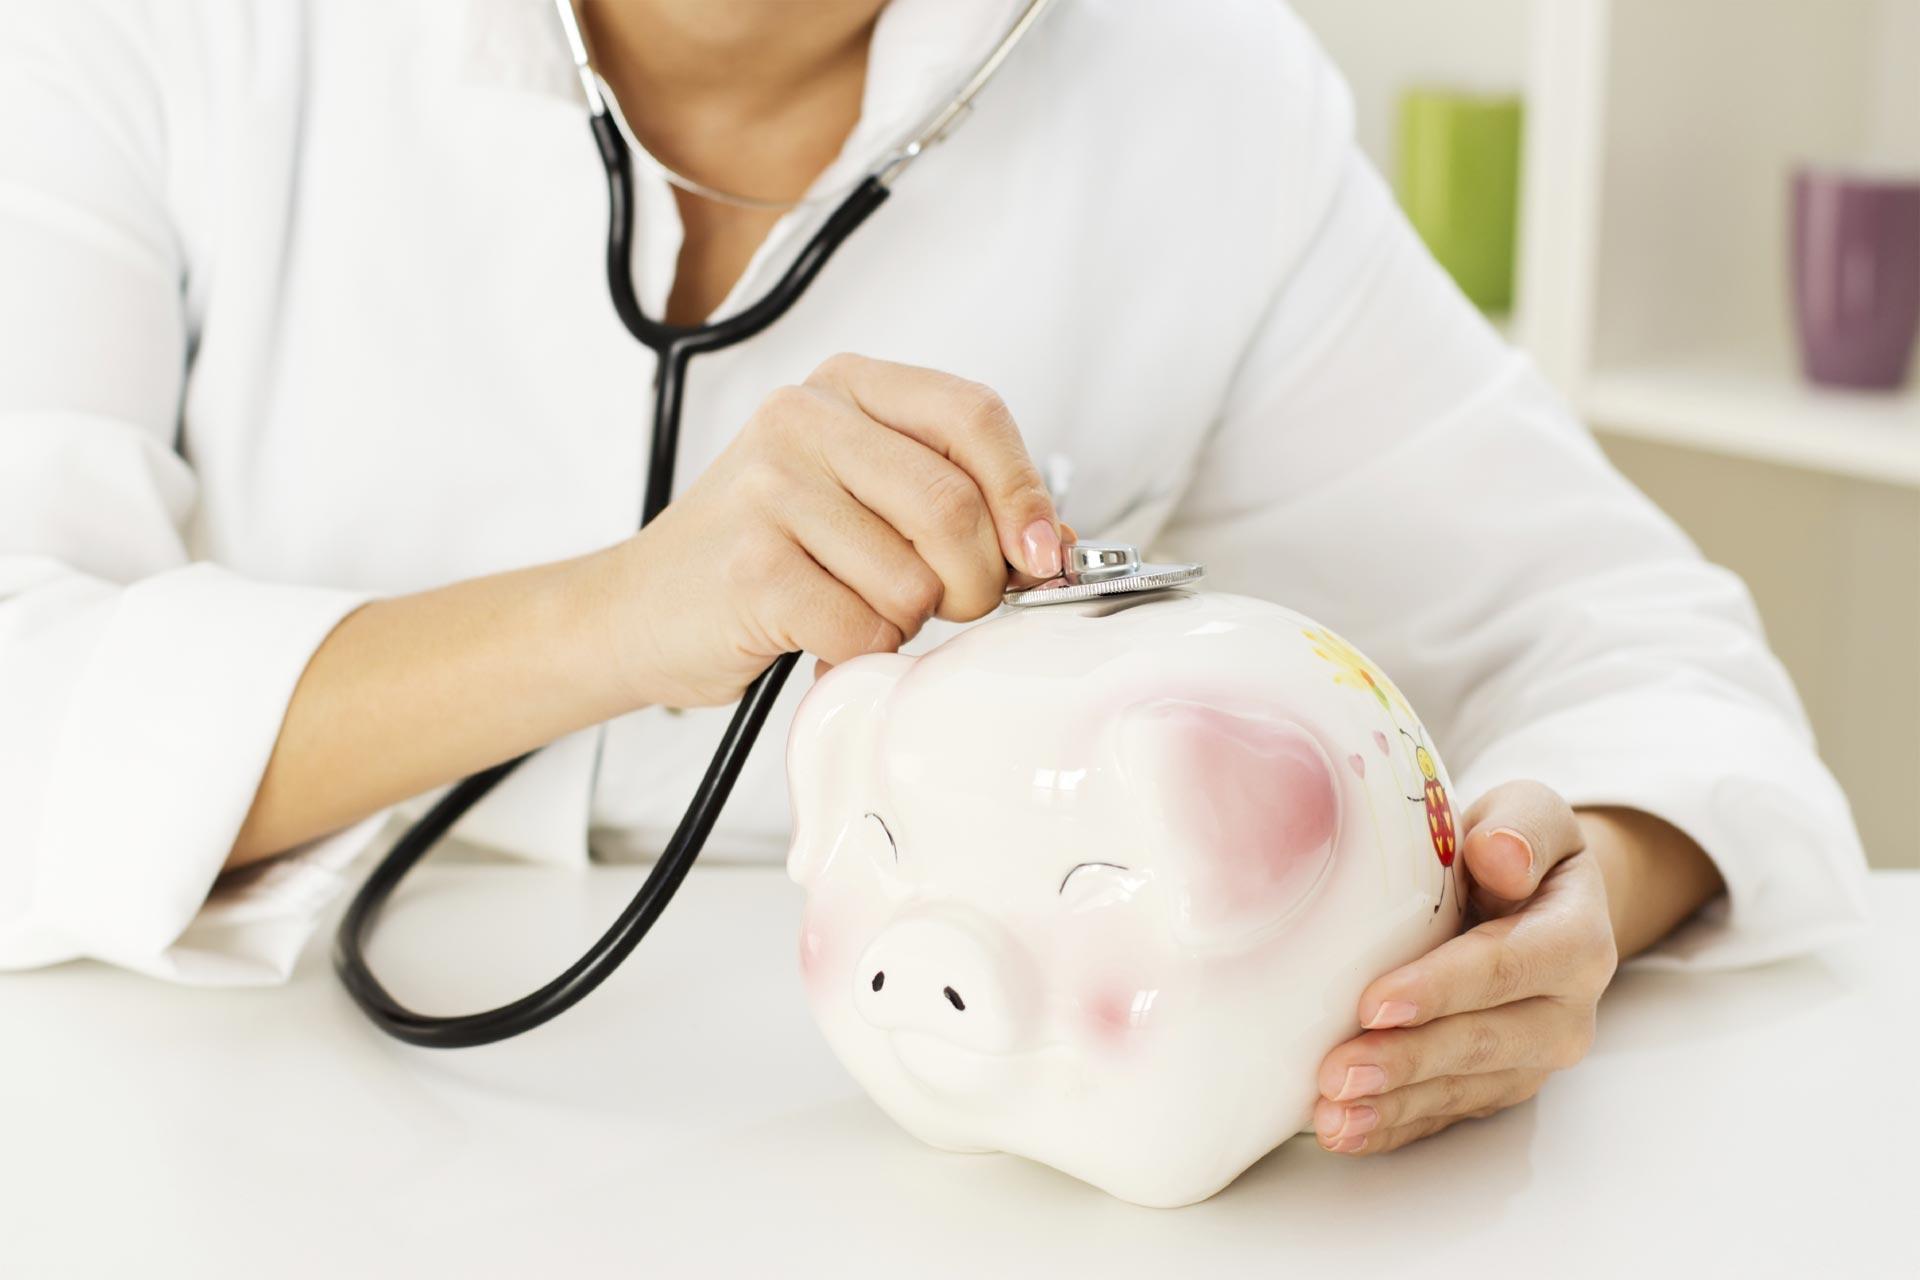 En México ofrecerán presupuesto para chequeos médicos y visitas al nutricionista